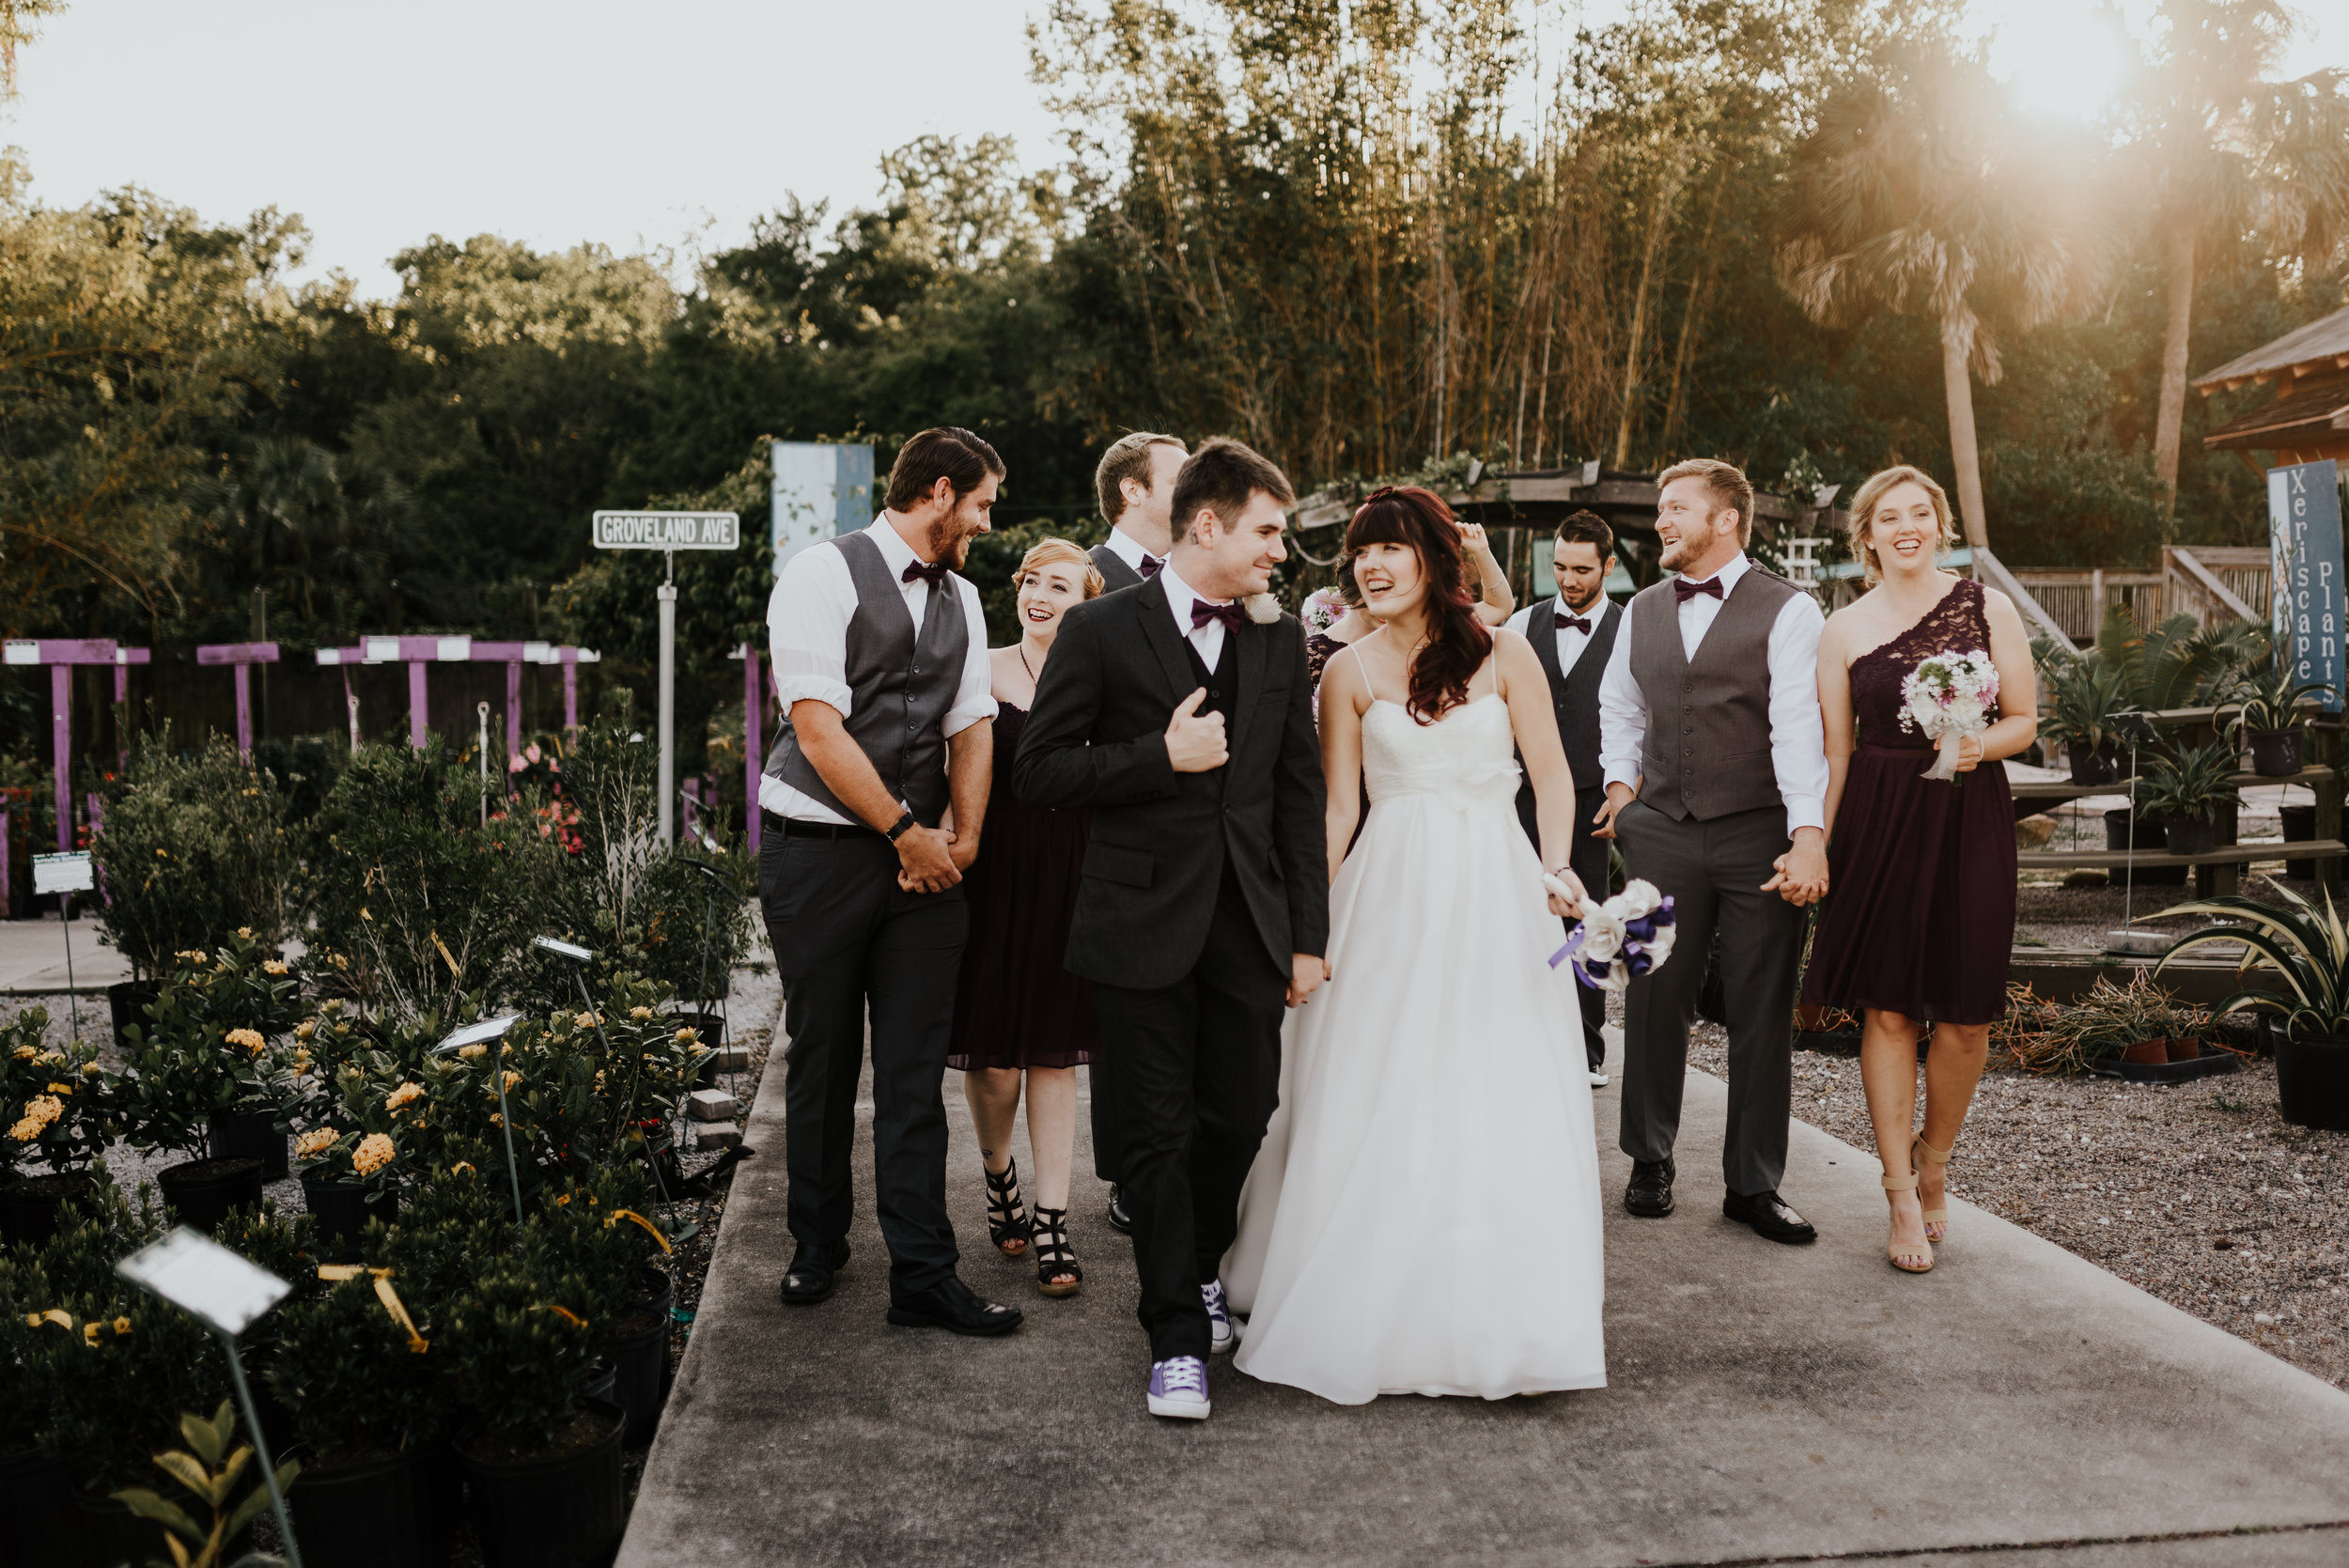 Bridal party photos, whimsical wedding, garden wedding, Rockledge Gardens wedding, wedding photography